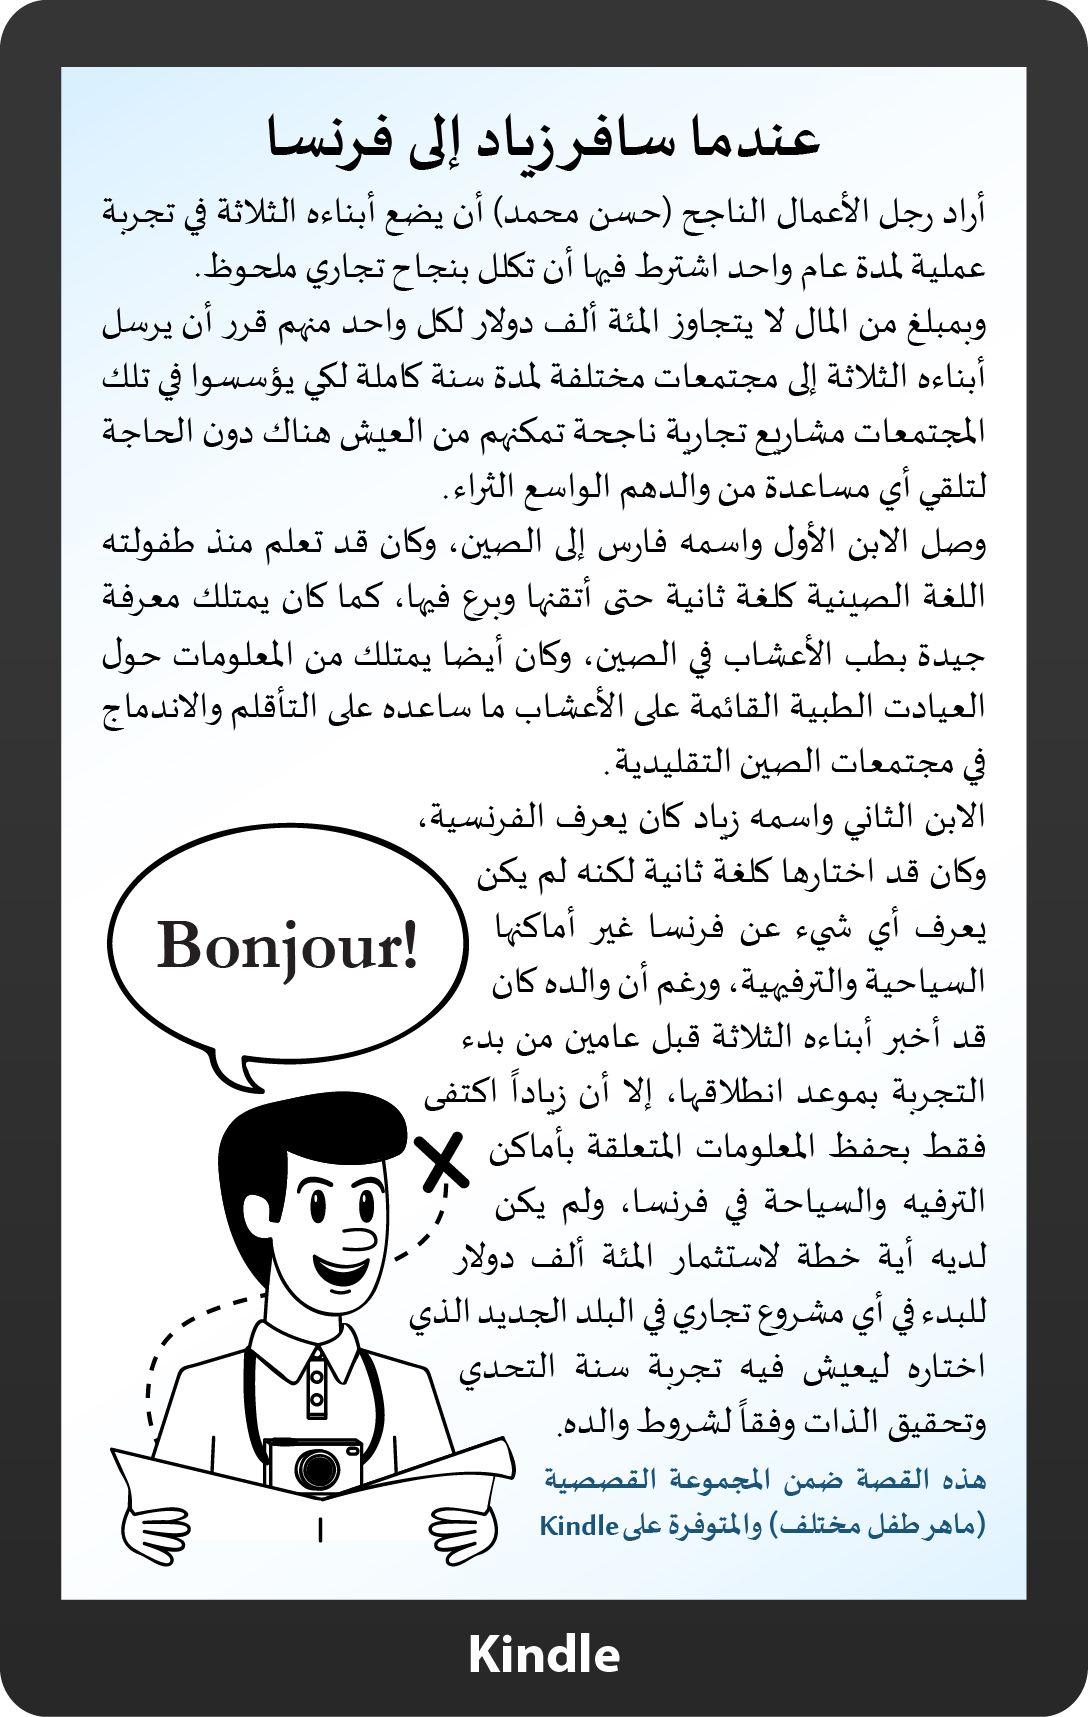 بداية قصة عندما سافر زياد إلى فرنسا Words Word Search Puzzle Ecard Meme